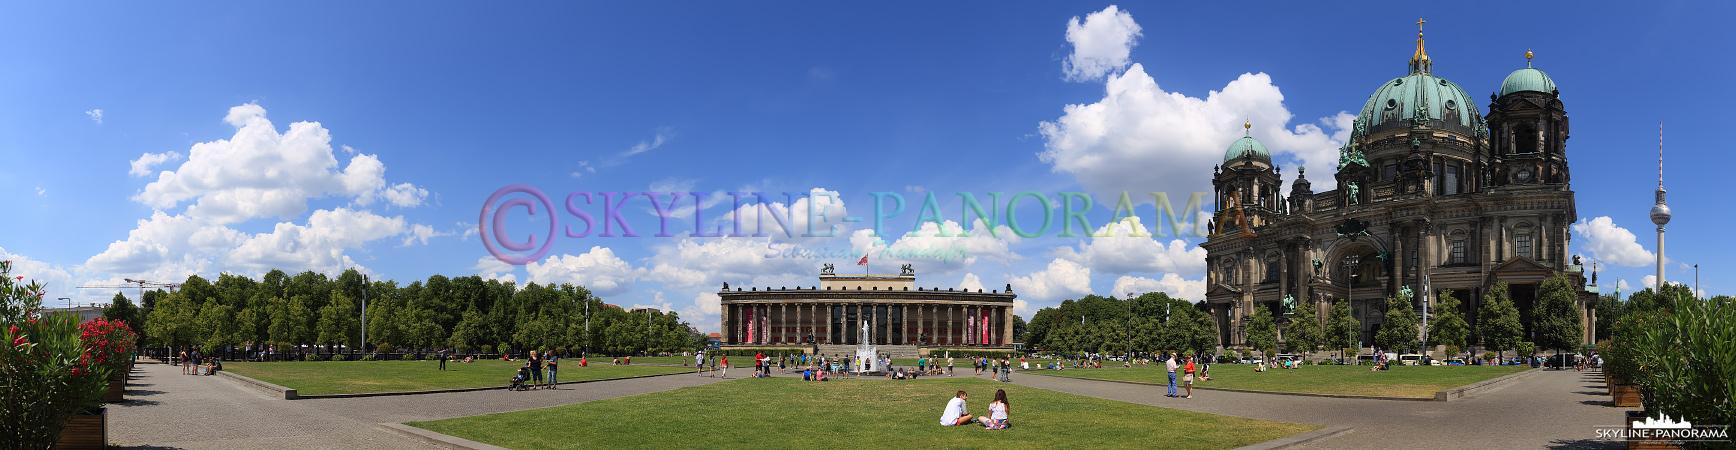 Berlin Panorama - Dieses Bild zeigt den Berliner Dom und das Alte Museum am Lustgarten in Berlin Mitte.